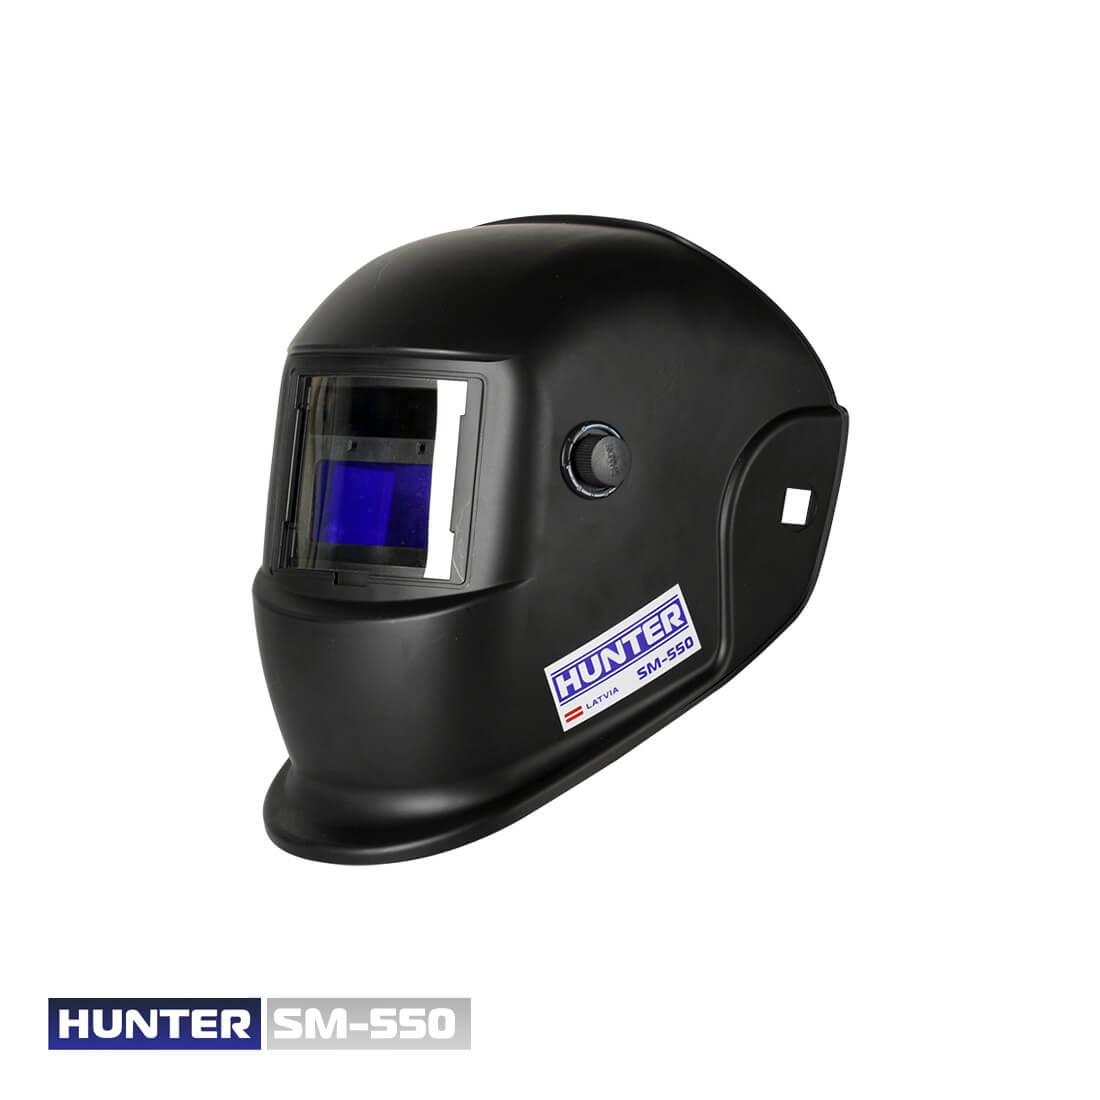 Фото SM-550 цена 750грн №1 — Hunter